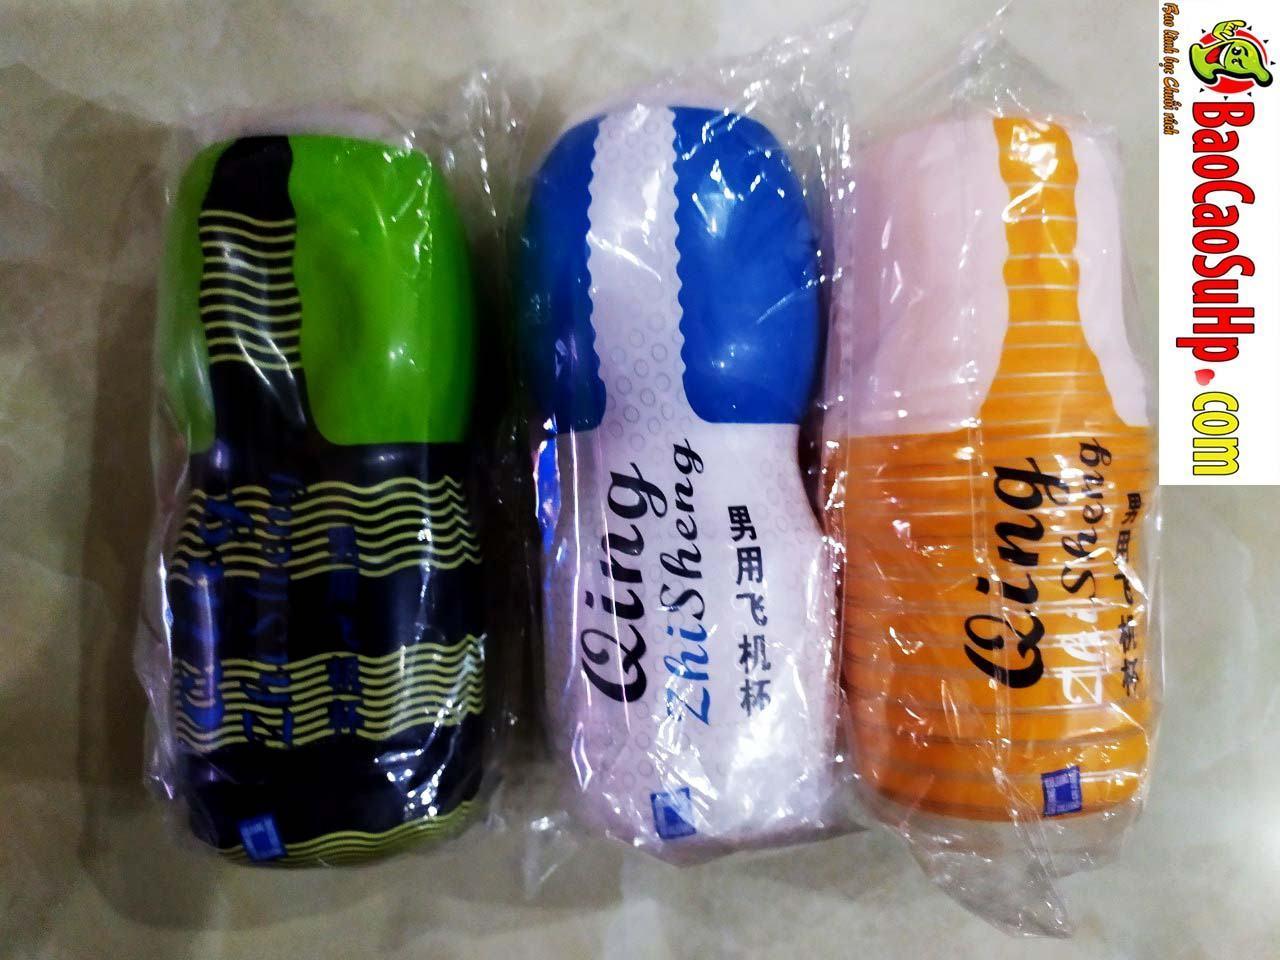 20191008235020 8502515 coc thu dam qing sex toy hai phong - Đồ chơi tình dục các loại hàng về 08.10.2019